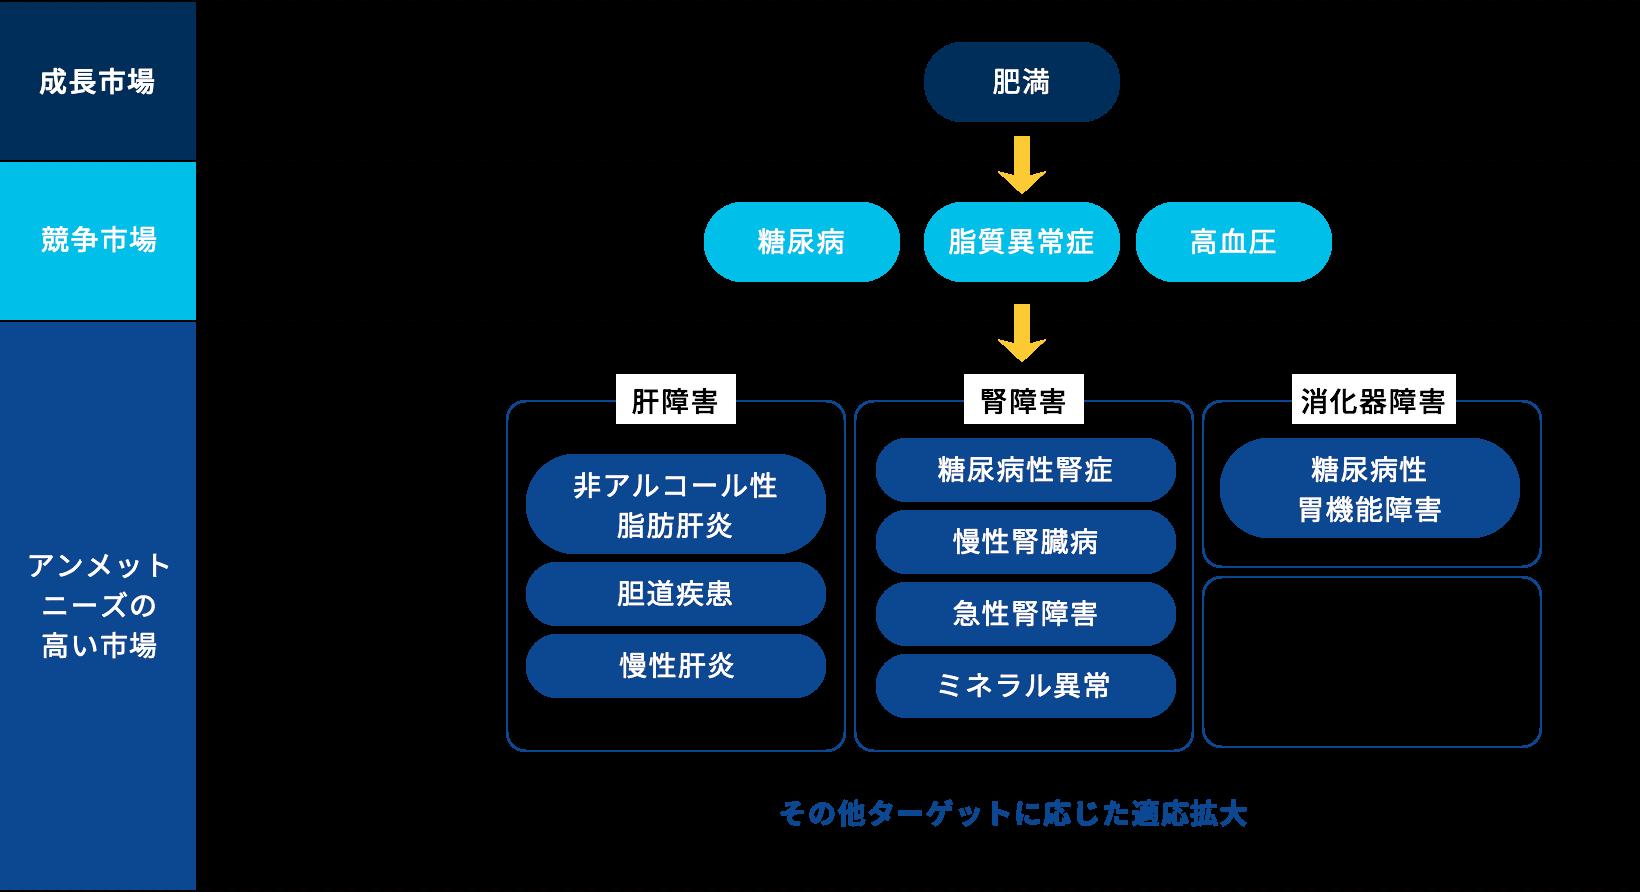 当社の注力疾患領域を表した図